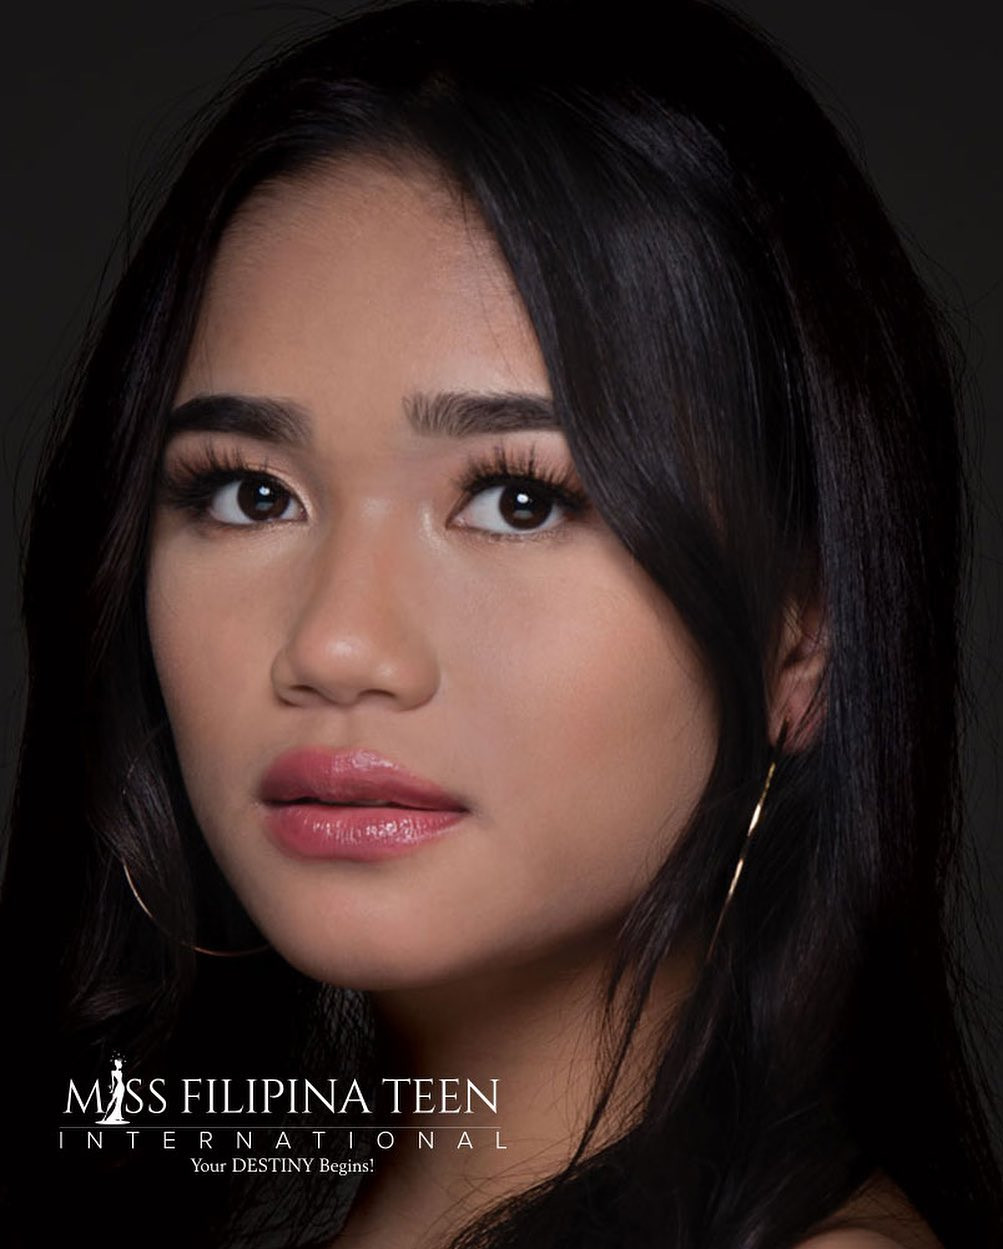 candidatas a miss filipina teen international 2021. final: 31 july. A5C5np